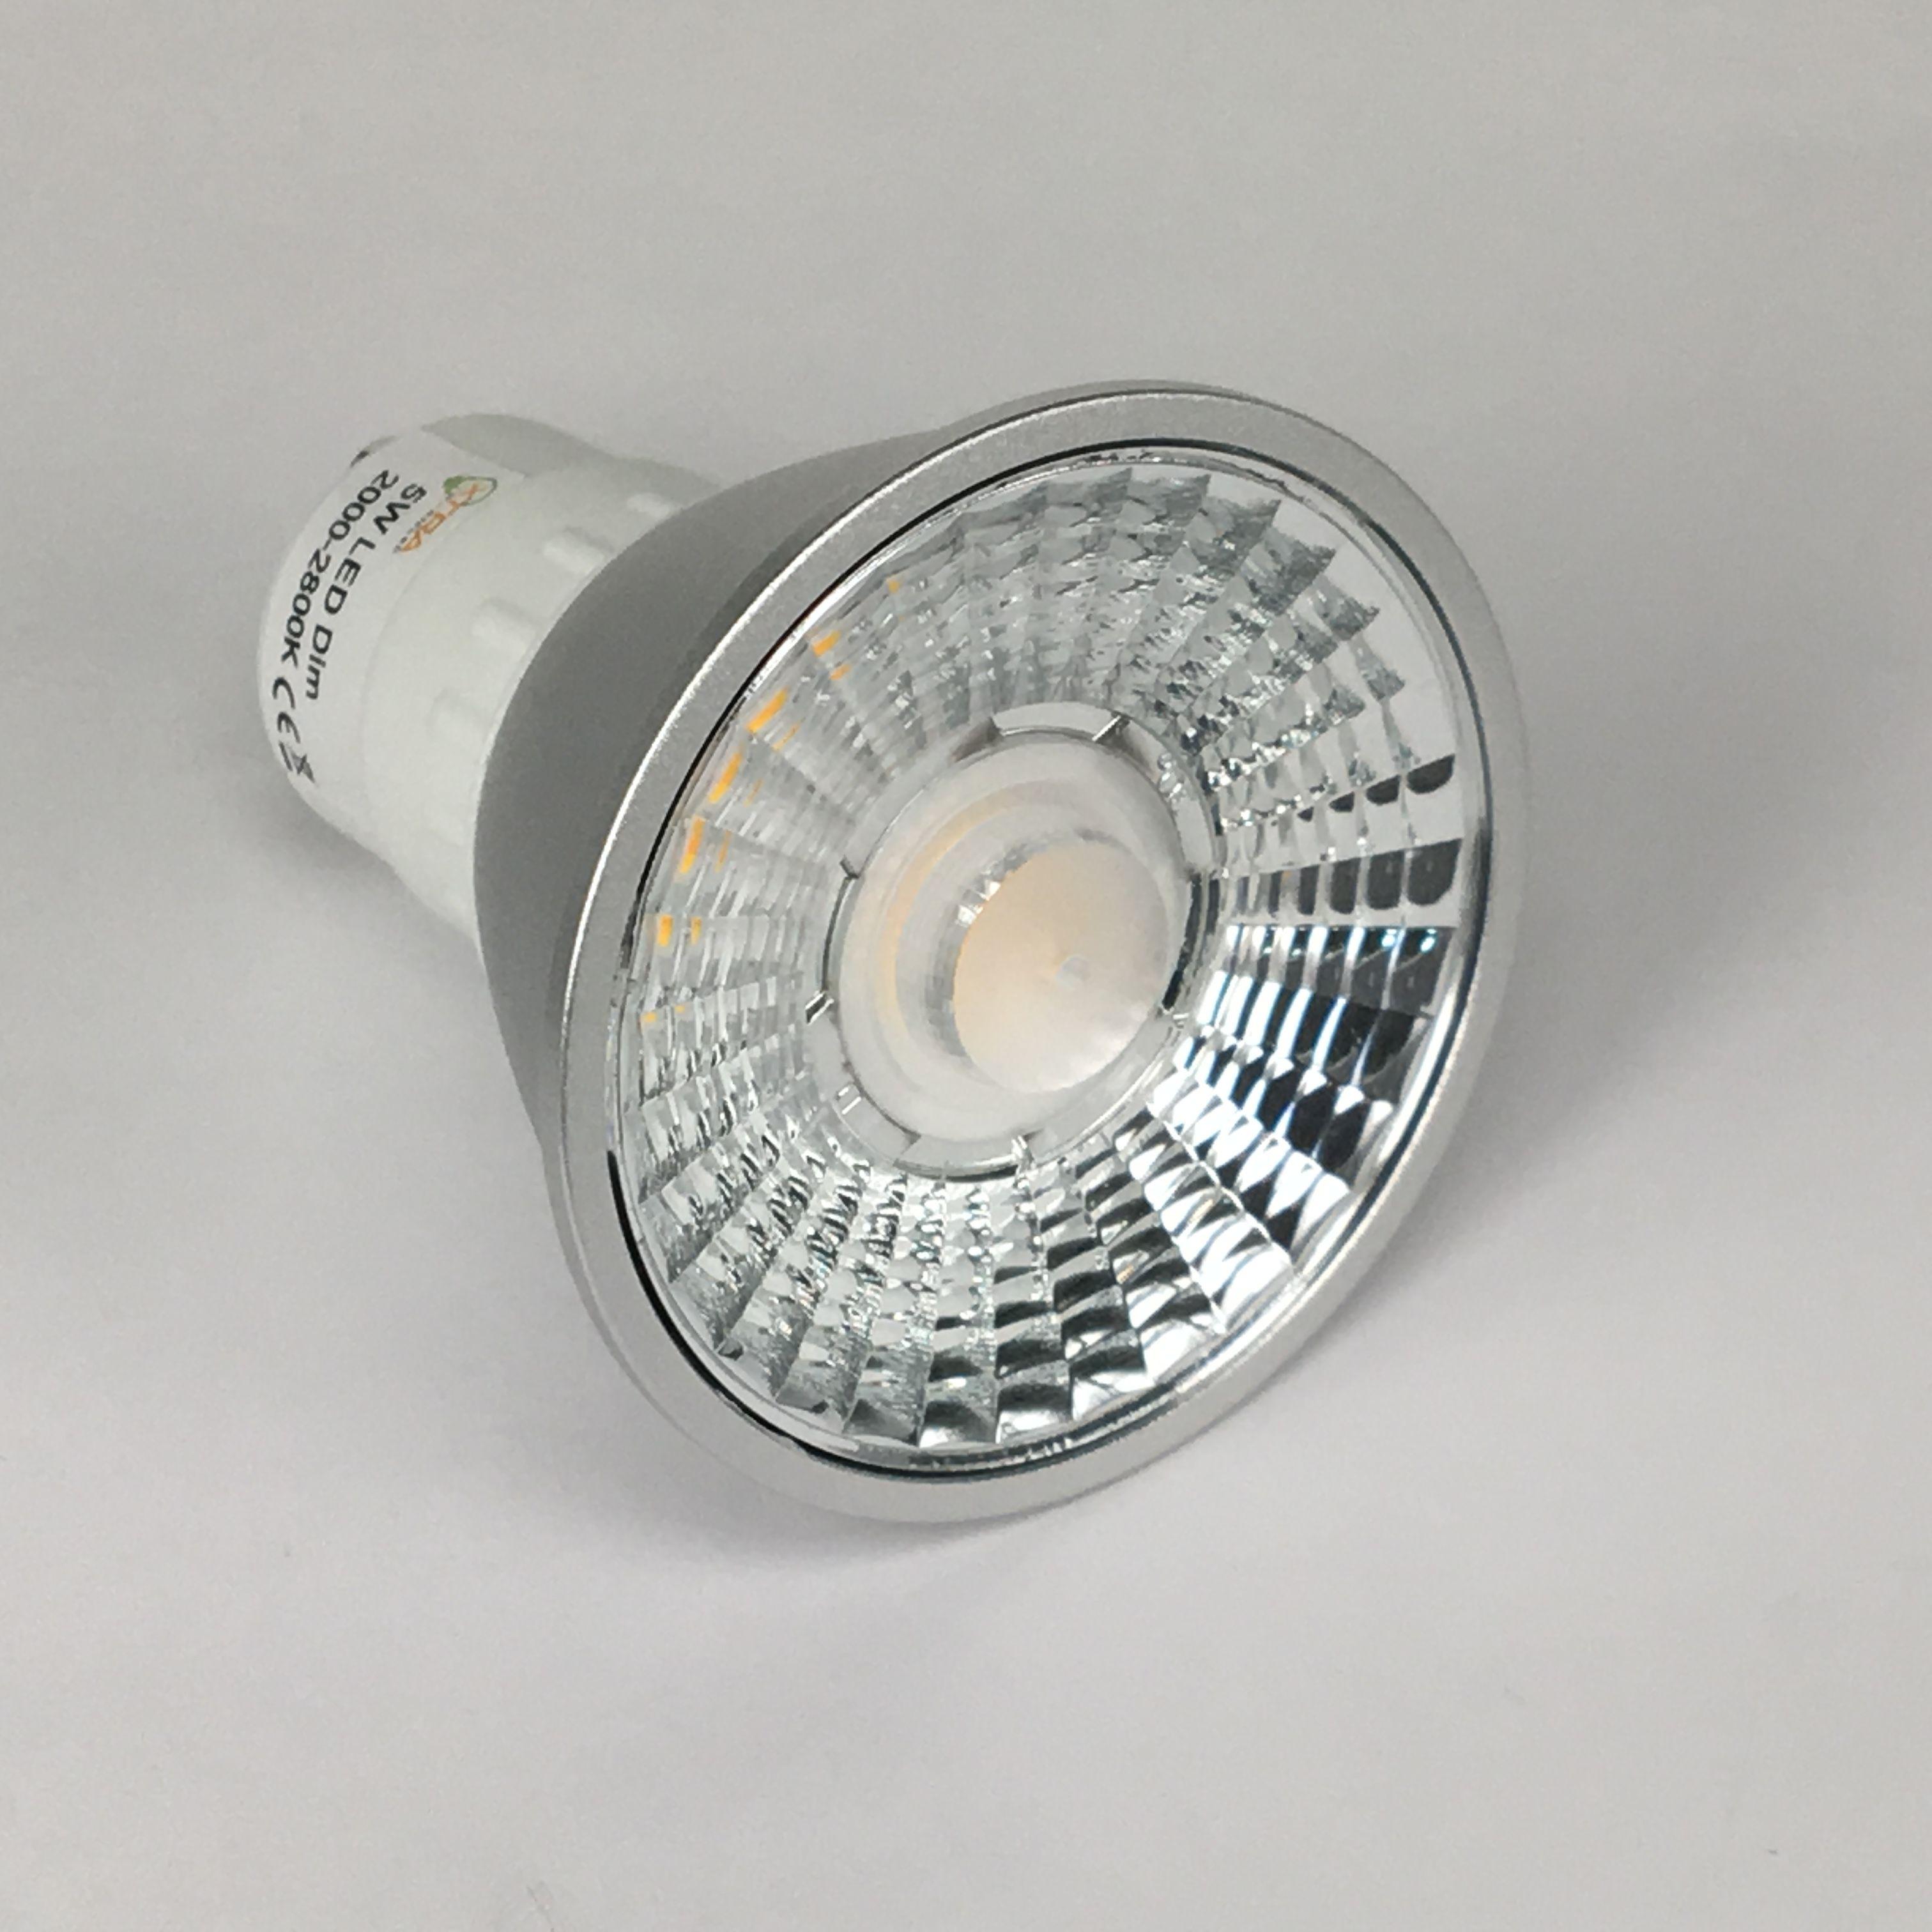 GU10 5W 2000-2800K Prolight CRI90 DIMBAAR voor